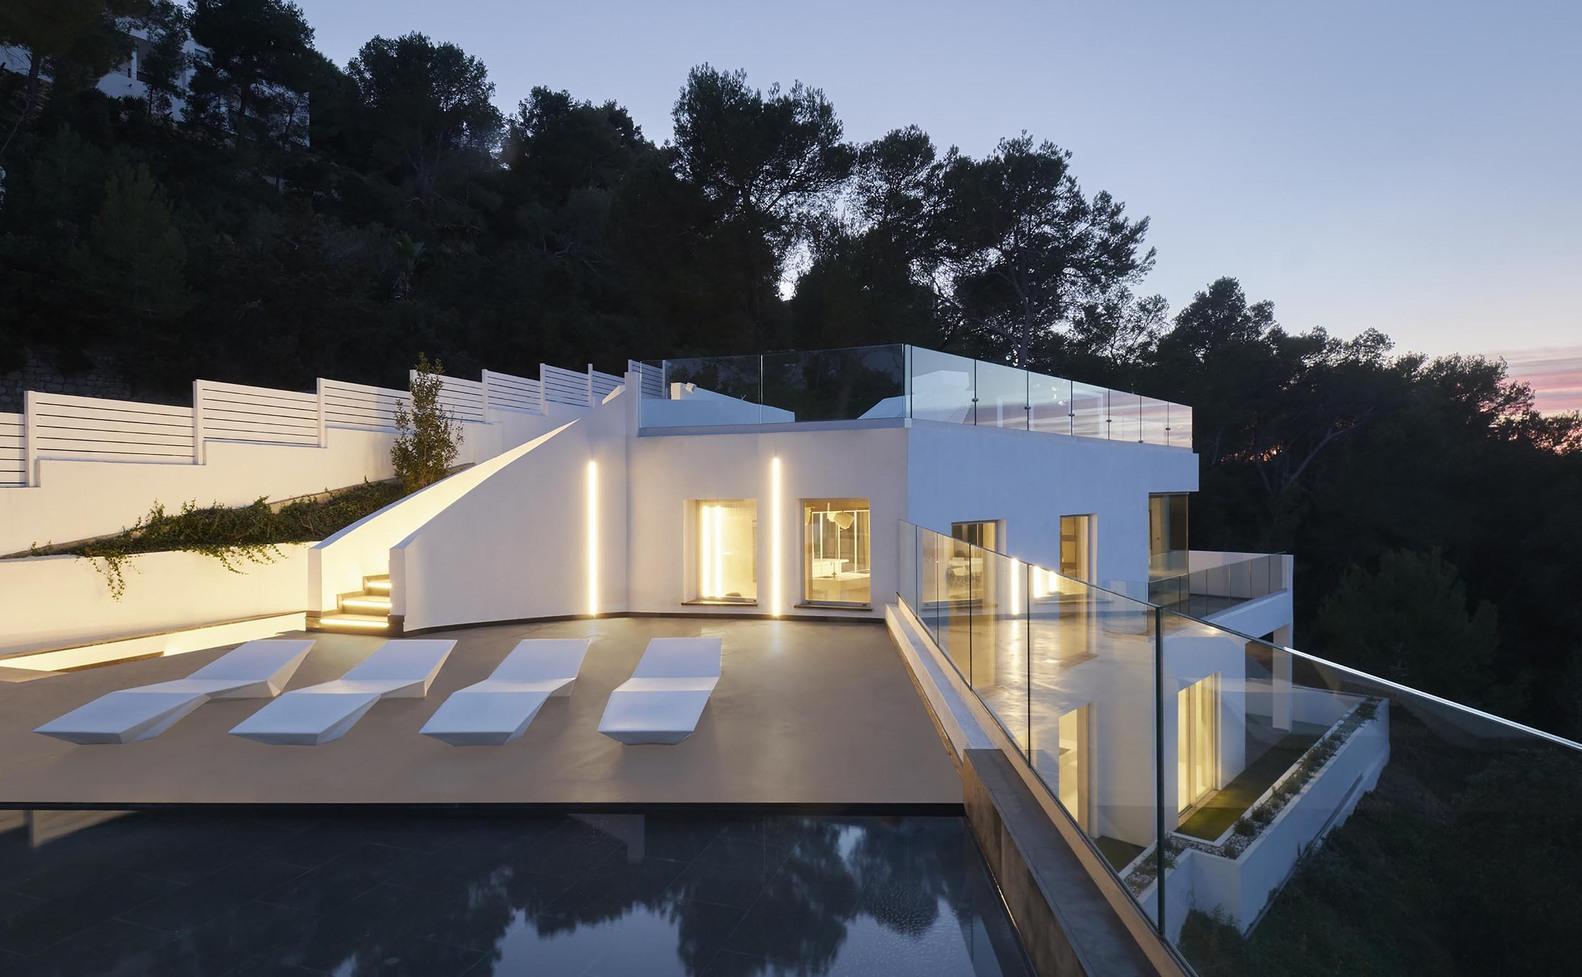 Rudayla House Minimal Studio 01